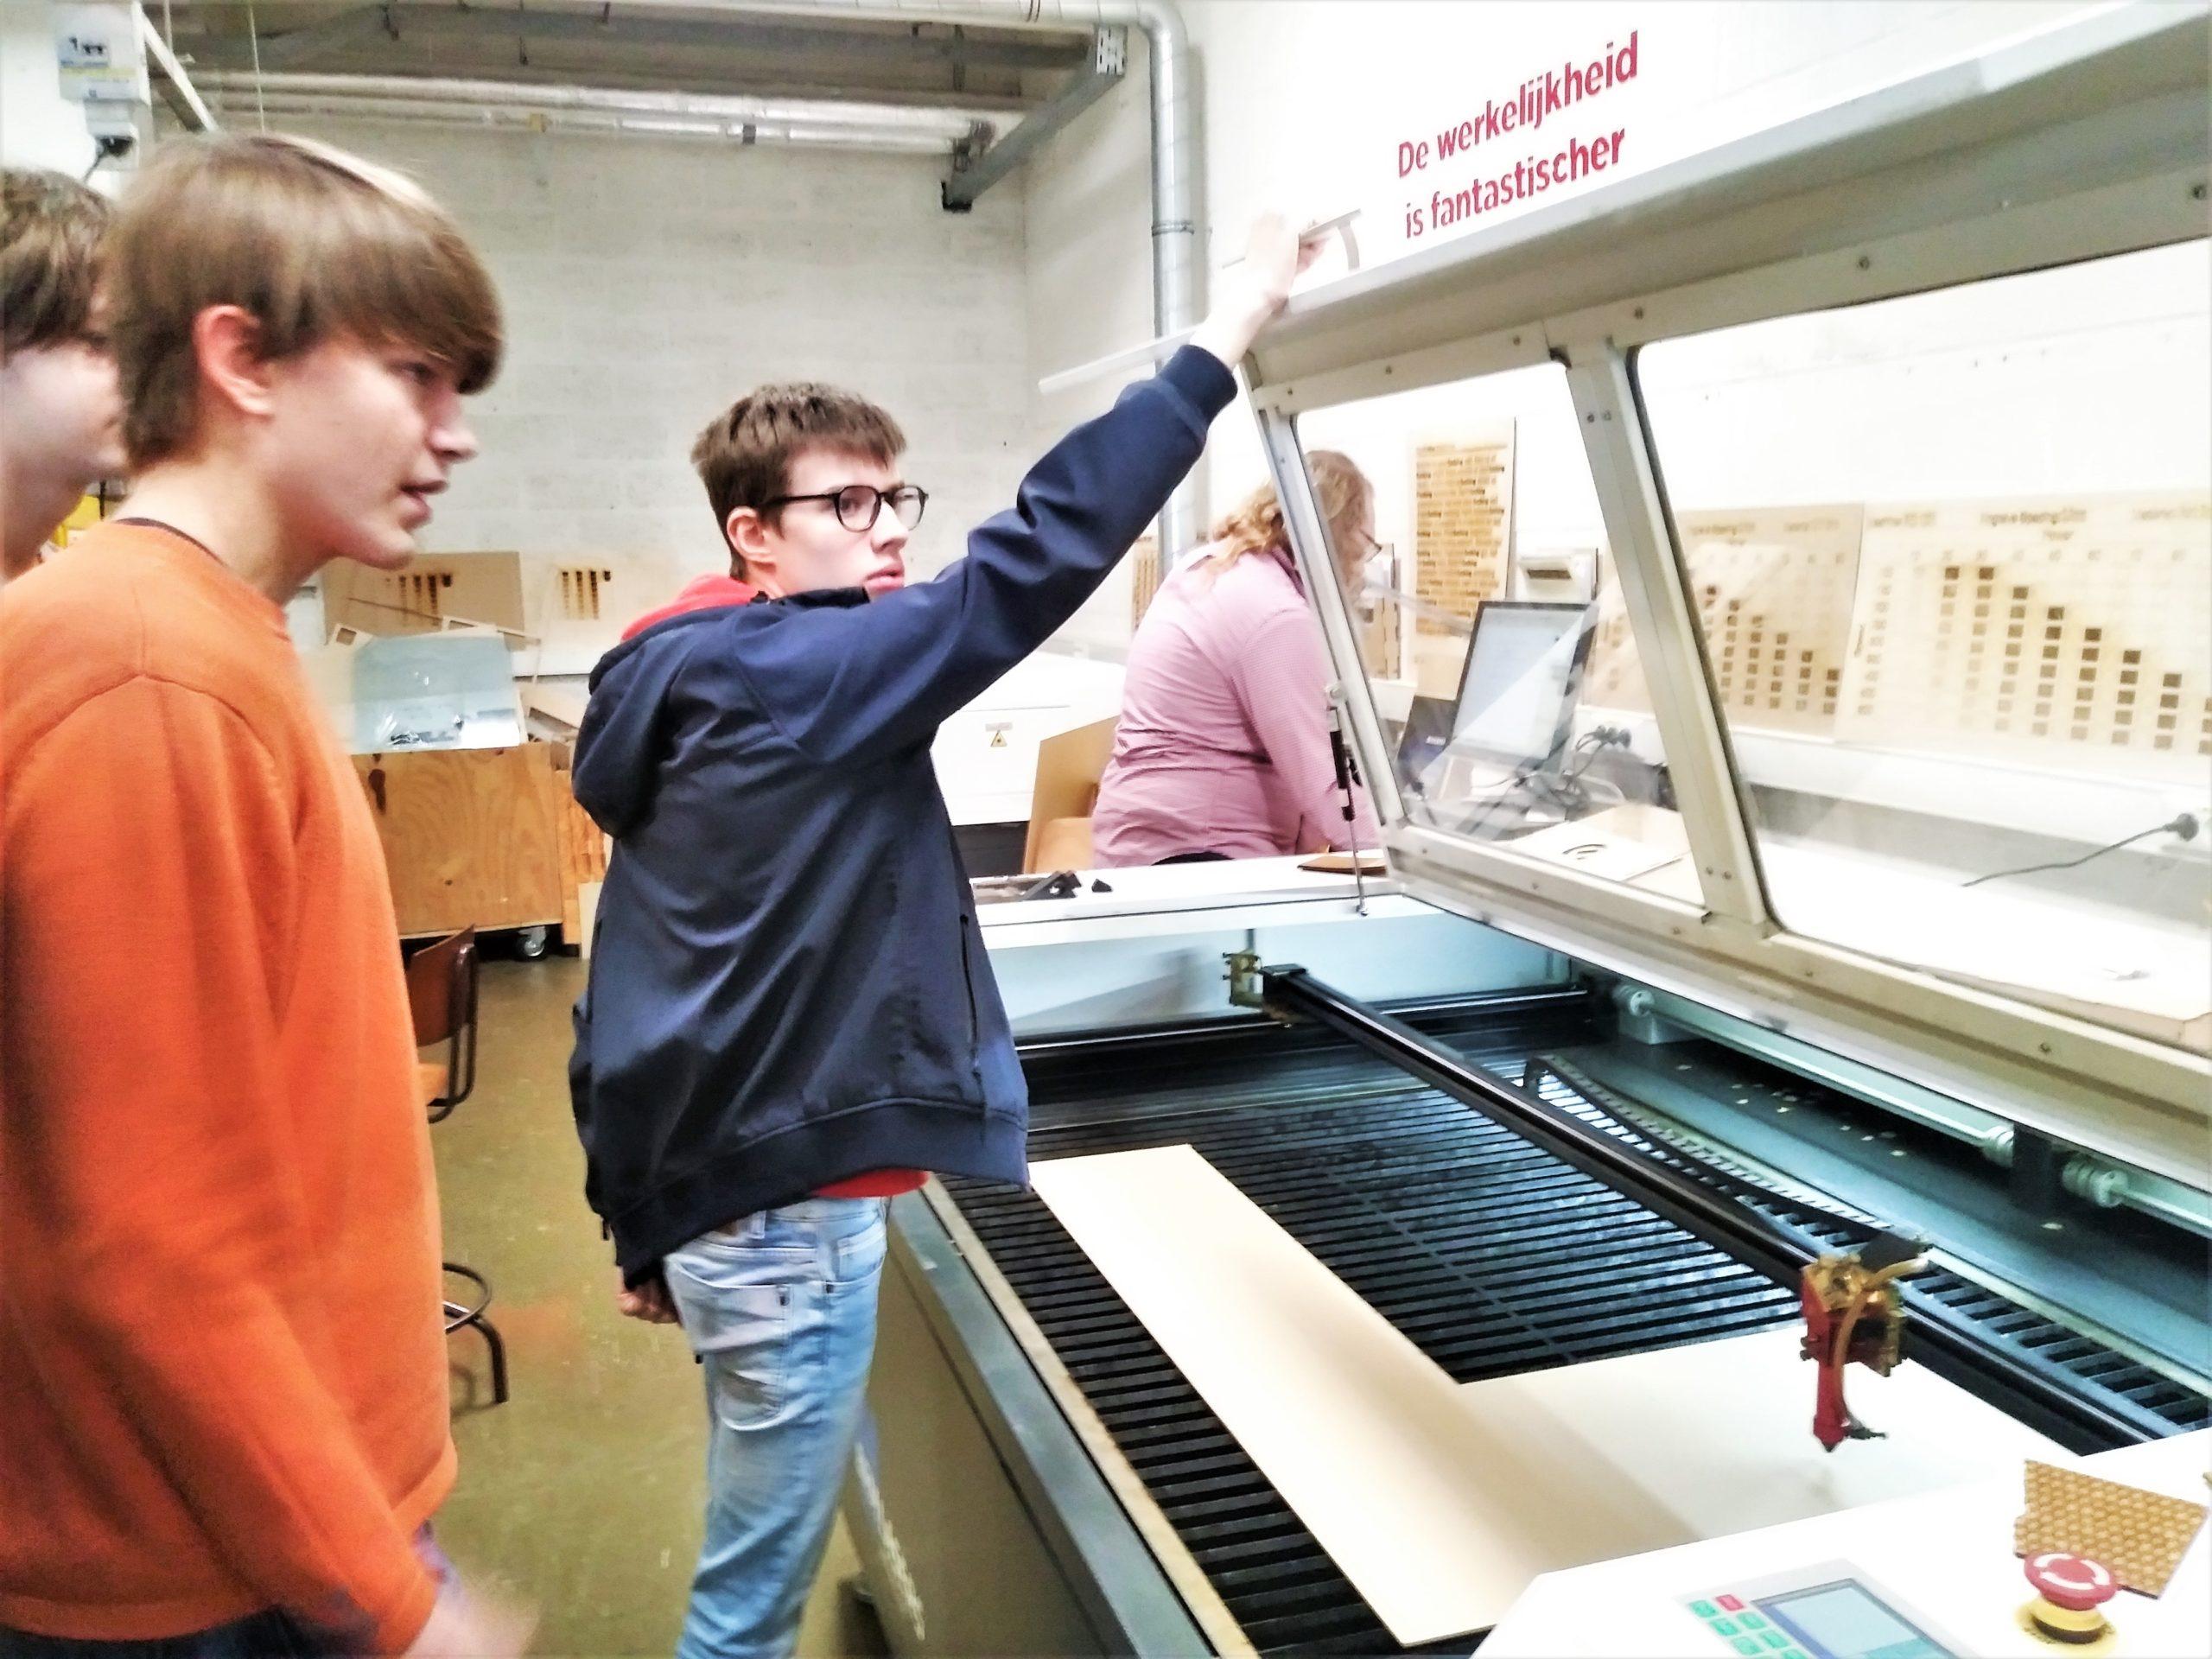 Enkele jongeren gebruiken een machine tijdens een bezoek aan FabLab